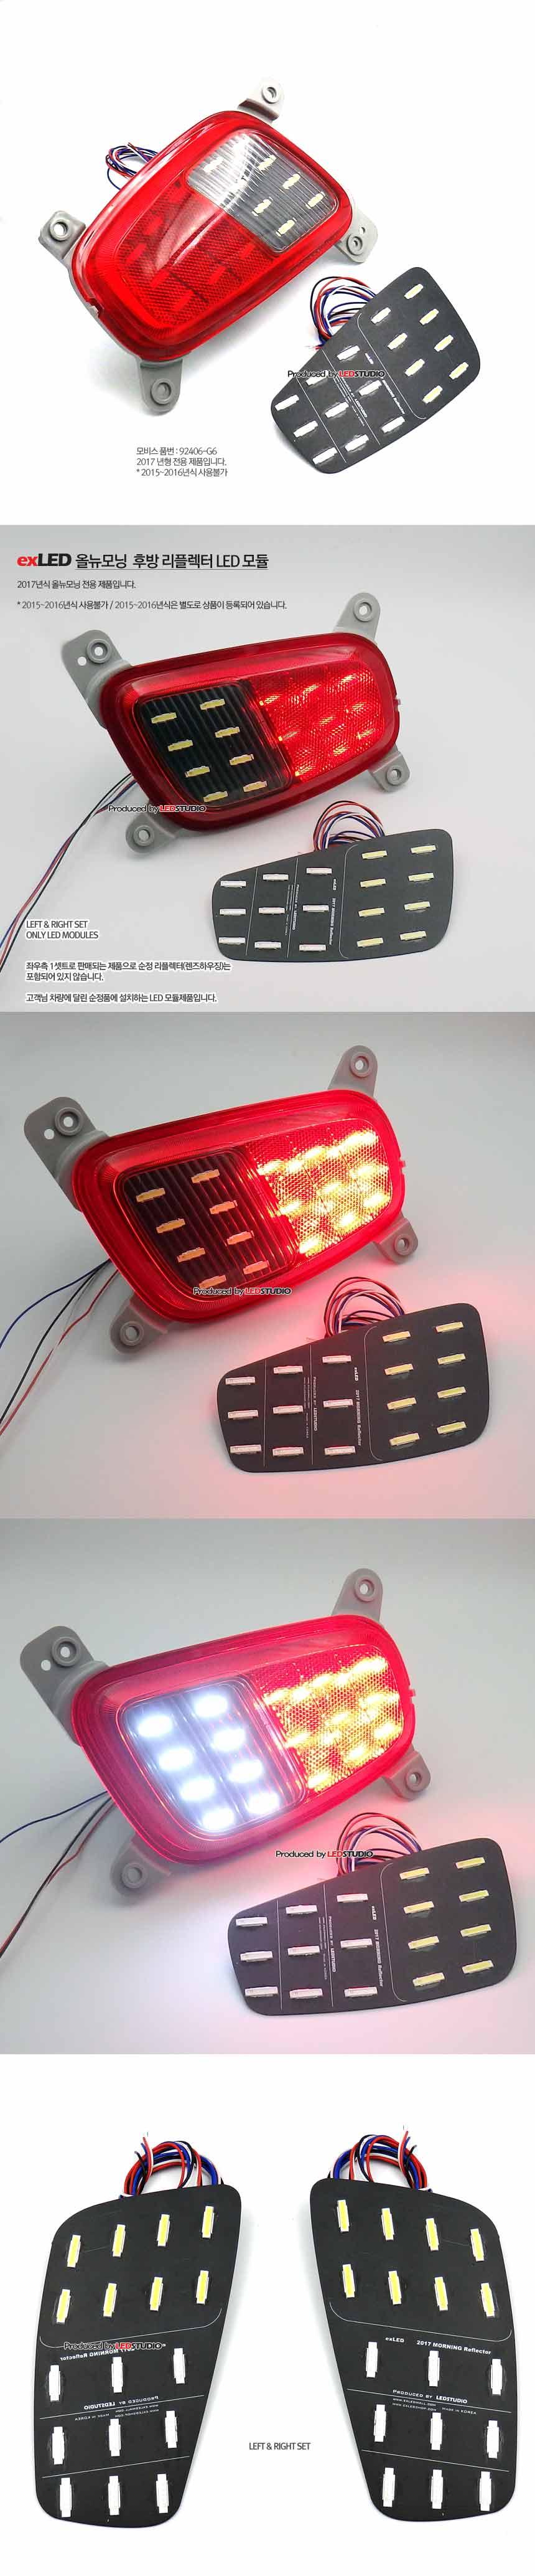 exLED 모닝 2017용 후방 리플렉터 파워 LED 모듈 (미등/브레이크/후진등)